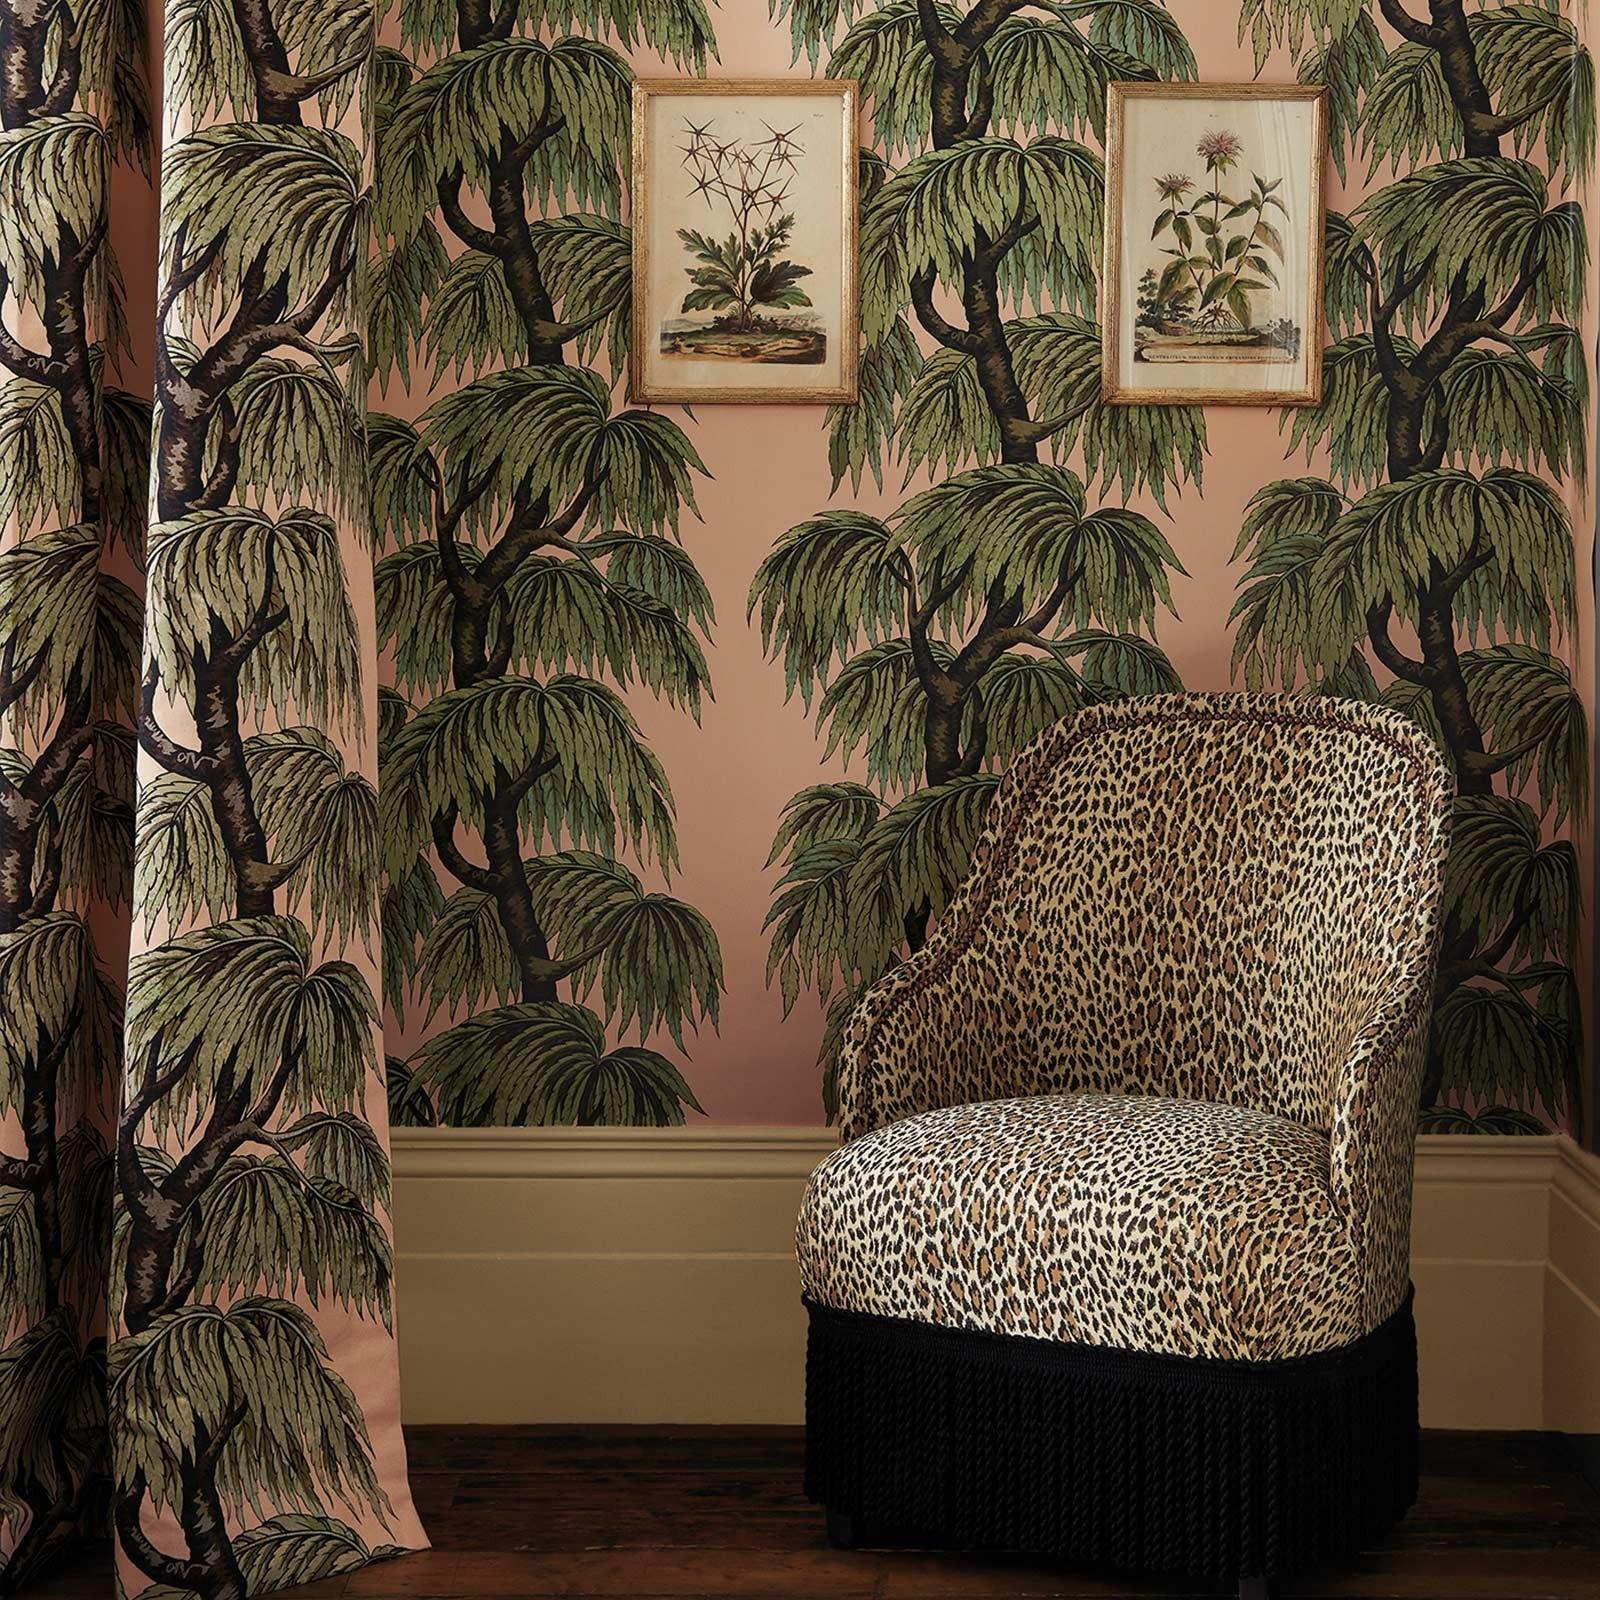 BABYLON Wallpaper Blush Willow House of hackney